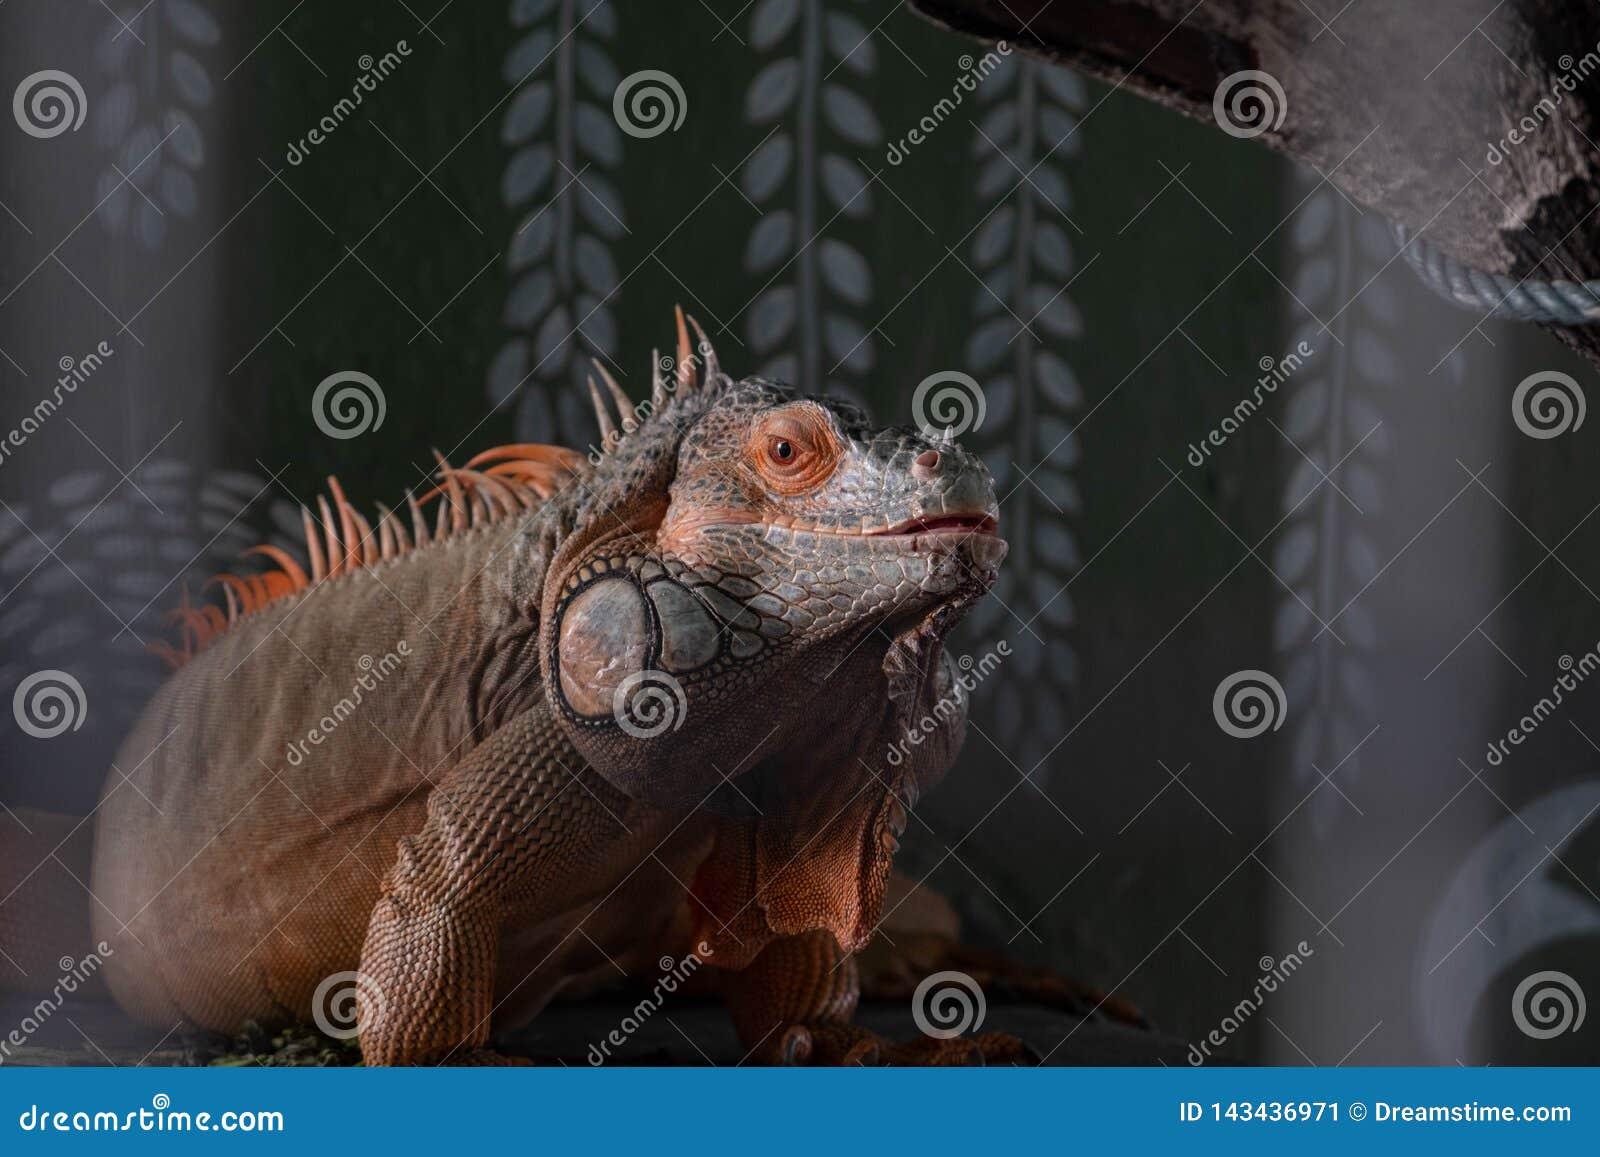 Un iguane malaisien local se repose été perché dans son habitat